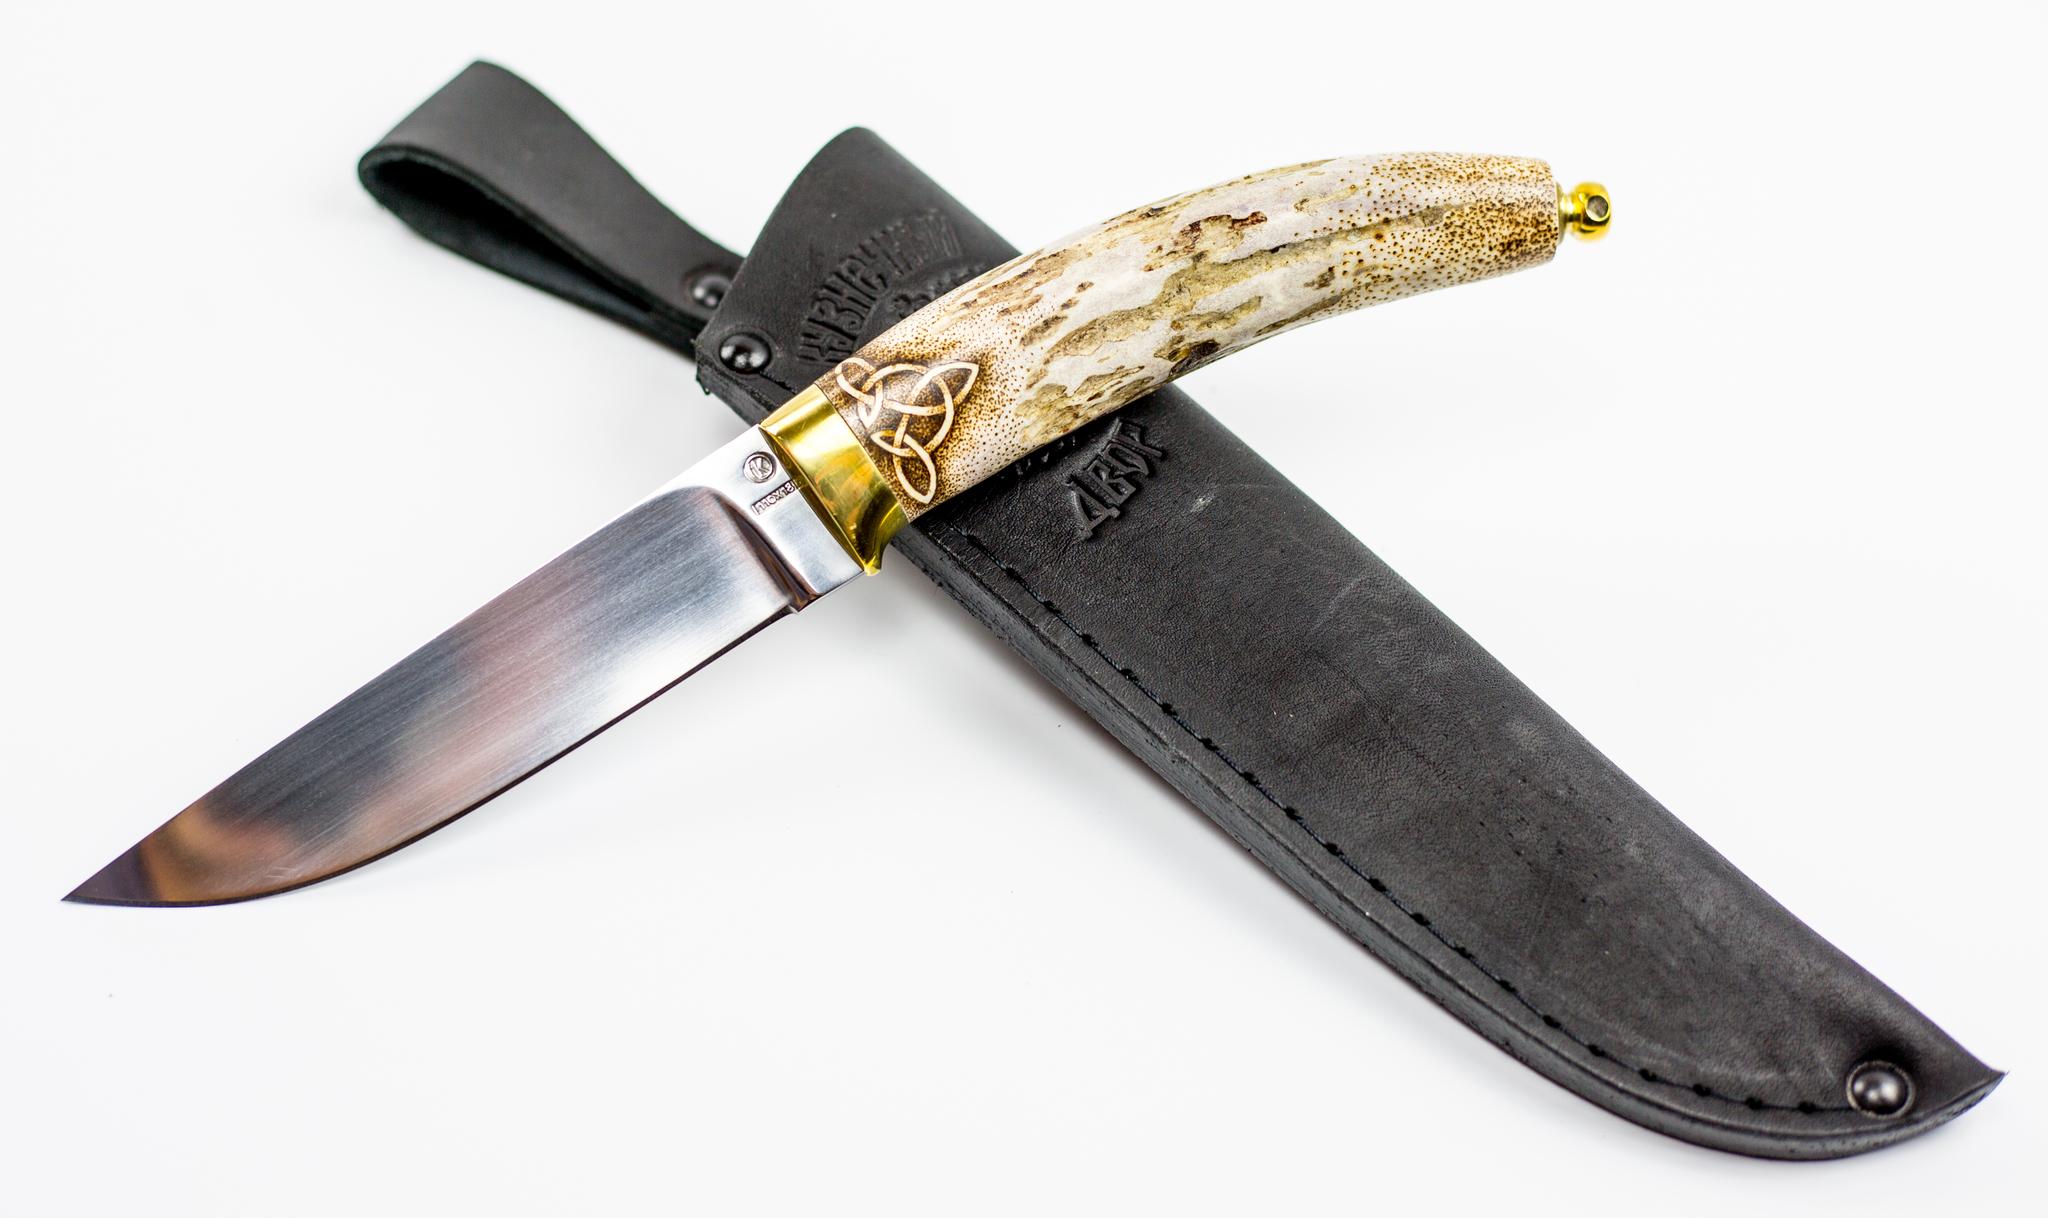 Фото 12 - Нож Грибник, сталь 110Х18, рукоять рог от Ножи Крутова